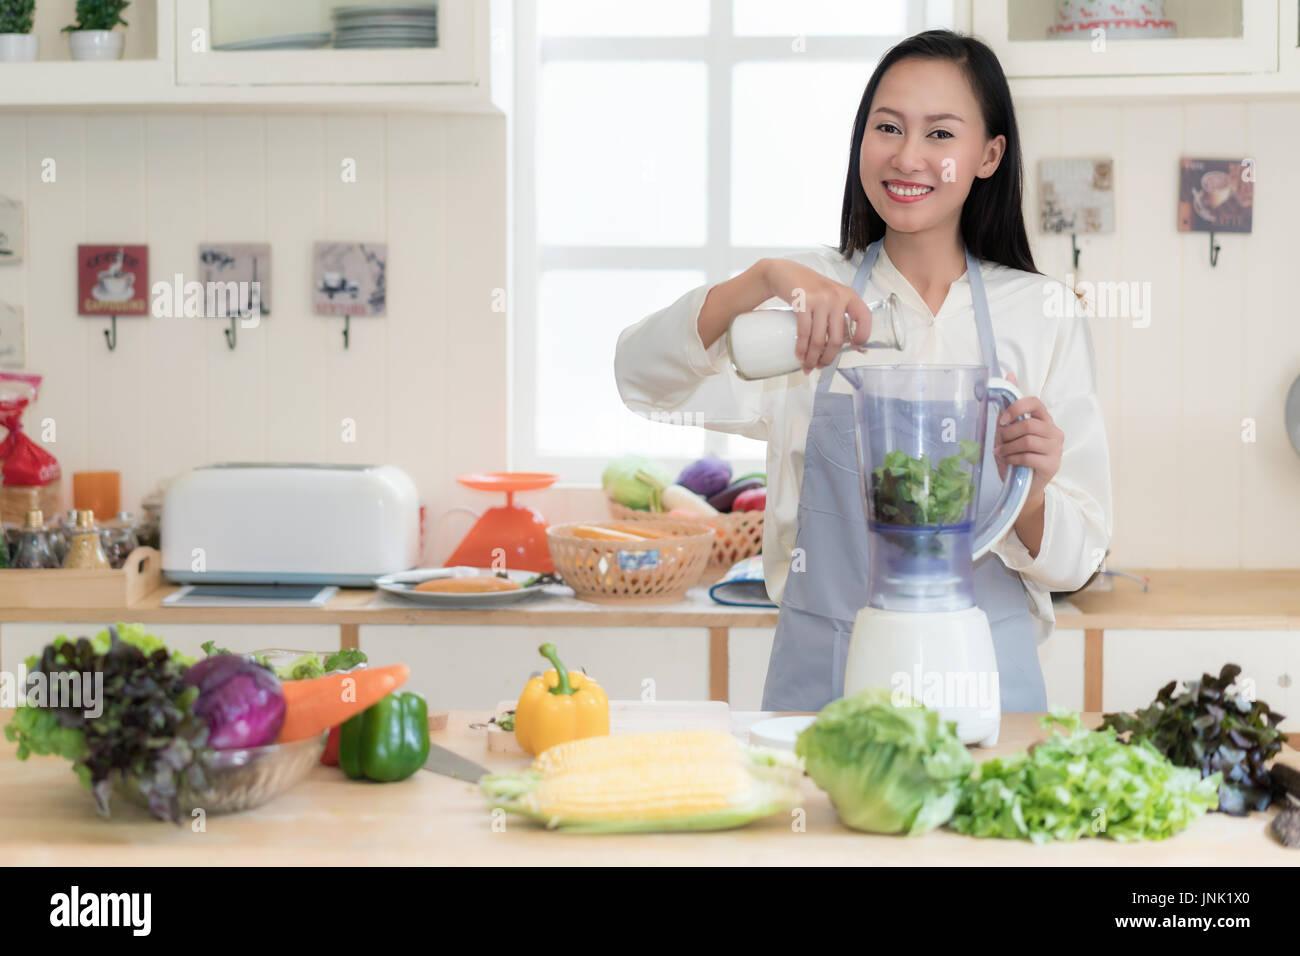 Frullato di vegetali. Donna asiatica rendendo frullati verde con blender home in cucina. Sana mangia crudo concetto lifestyle Ritratto di giovane e bella Immagini Stock